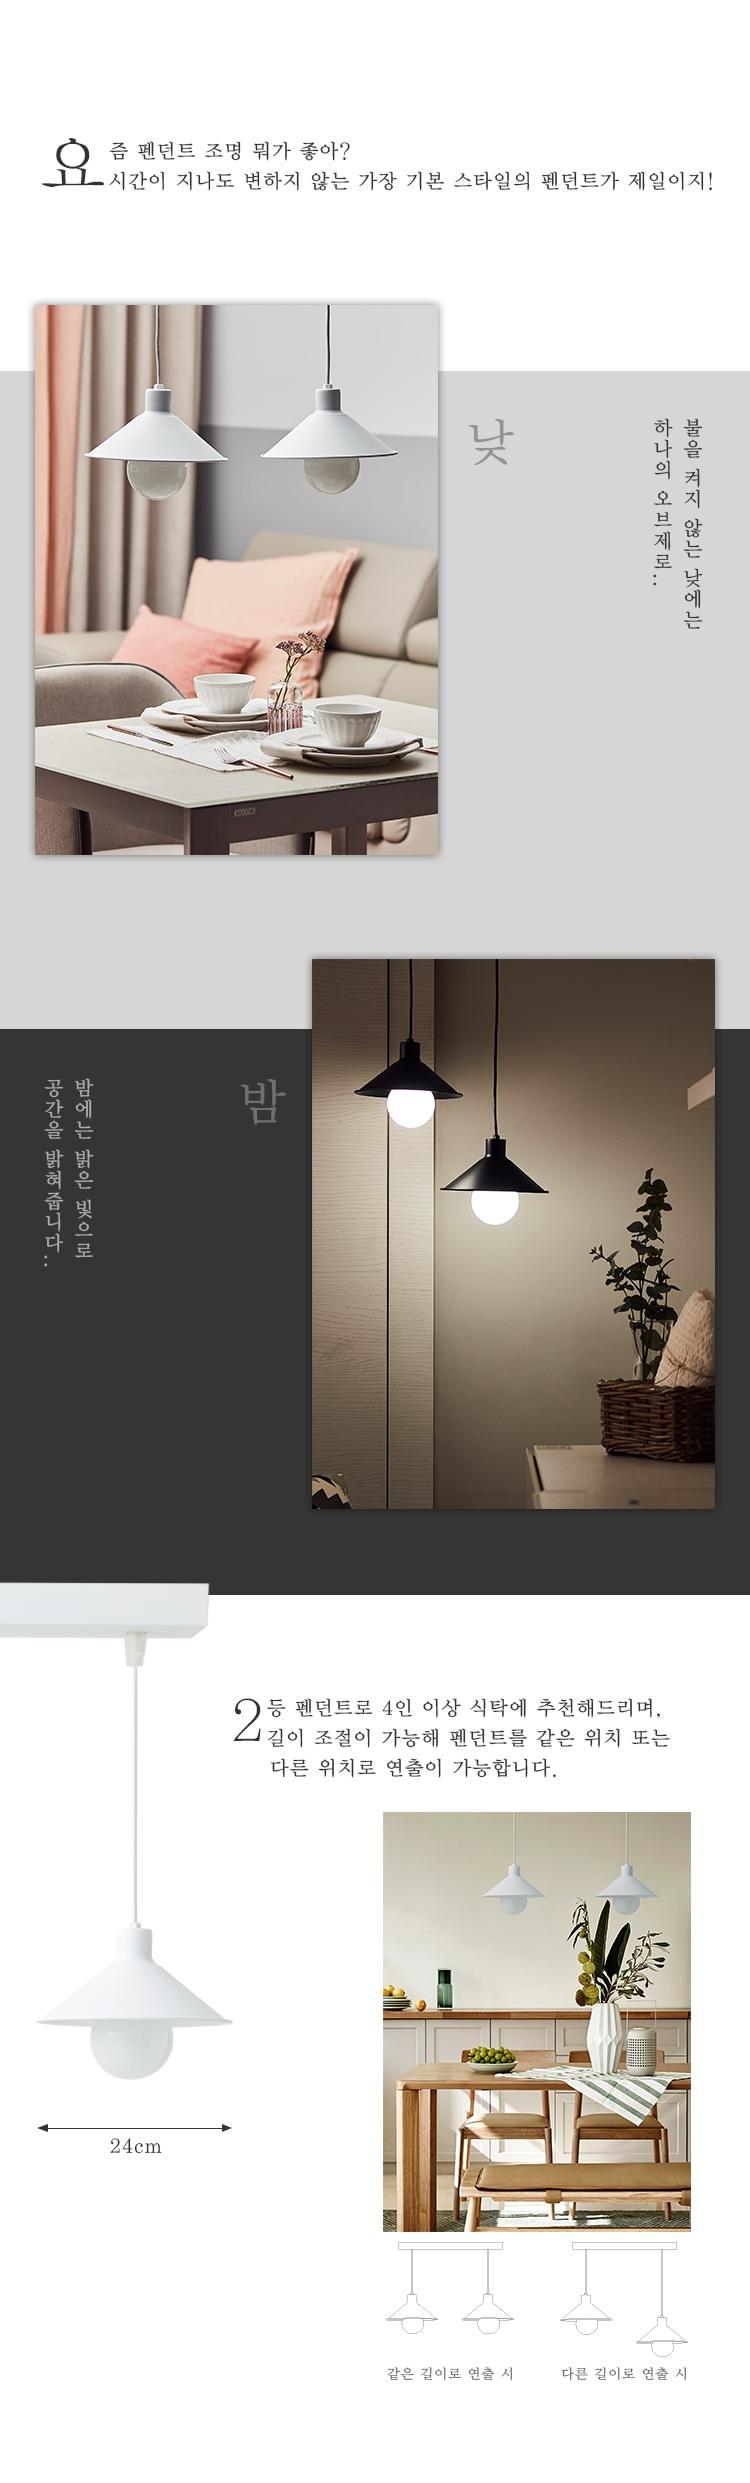 [한샘] 바이엘 2등 펜던트(일자형)(DIY) - 한샘, 59,900원, 디자인조명, 팬던트조명